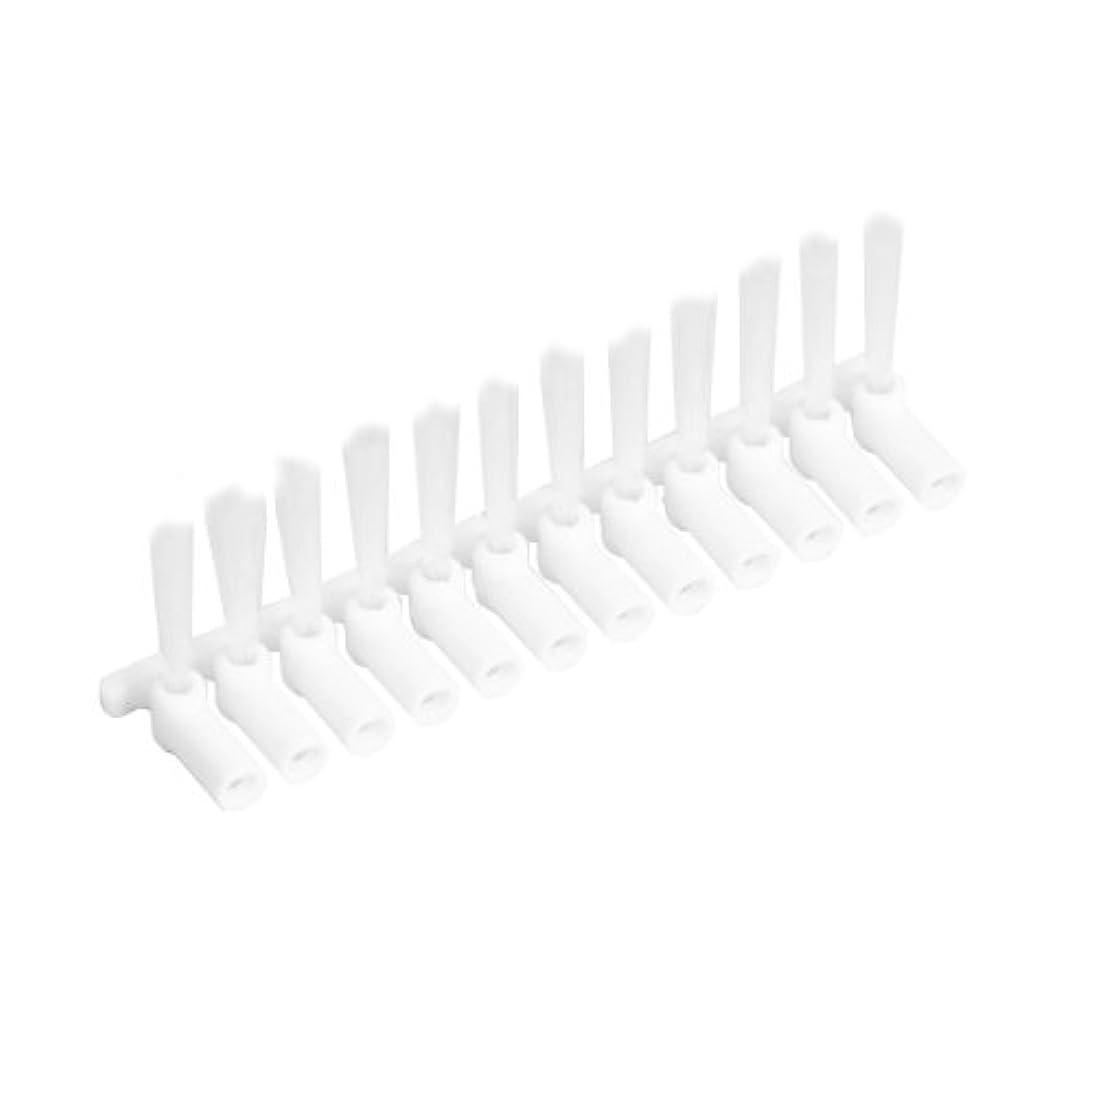 拷問確保する異議山善 電動歯間ブラシ デンタルペッカー専用替ブラシ 12本(専用保管ケース付) DPK-10